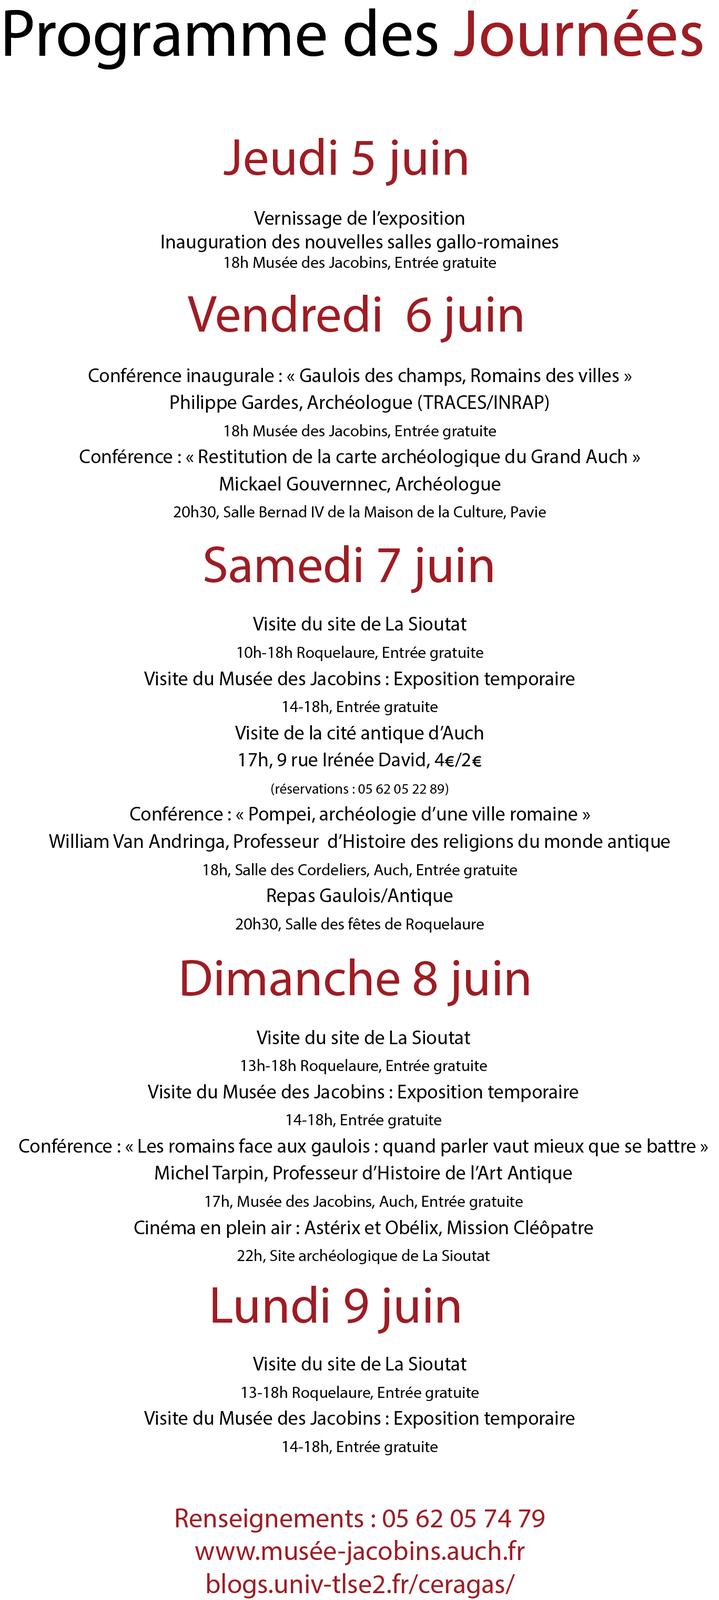 Journées de l'Archéologie 2014 du 5 au 10 juin à Roquelaure et Auch